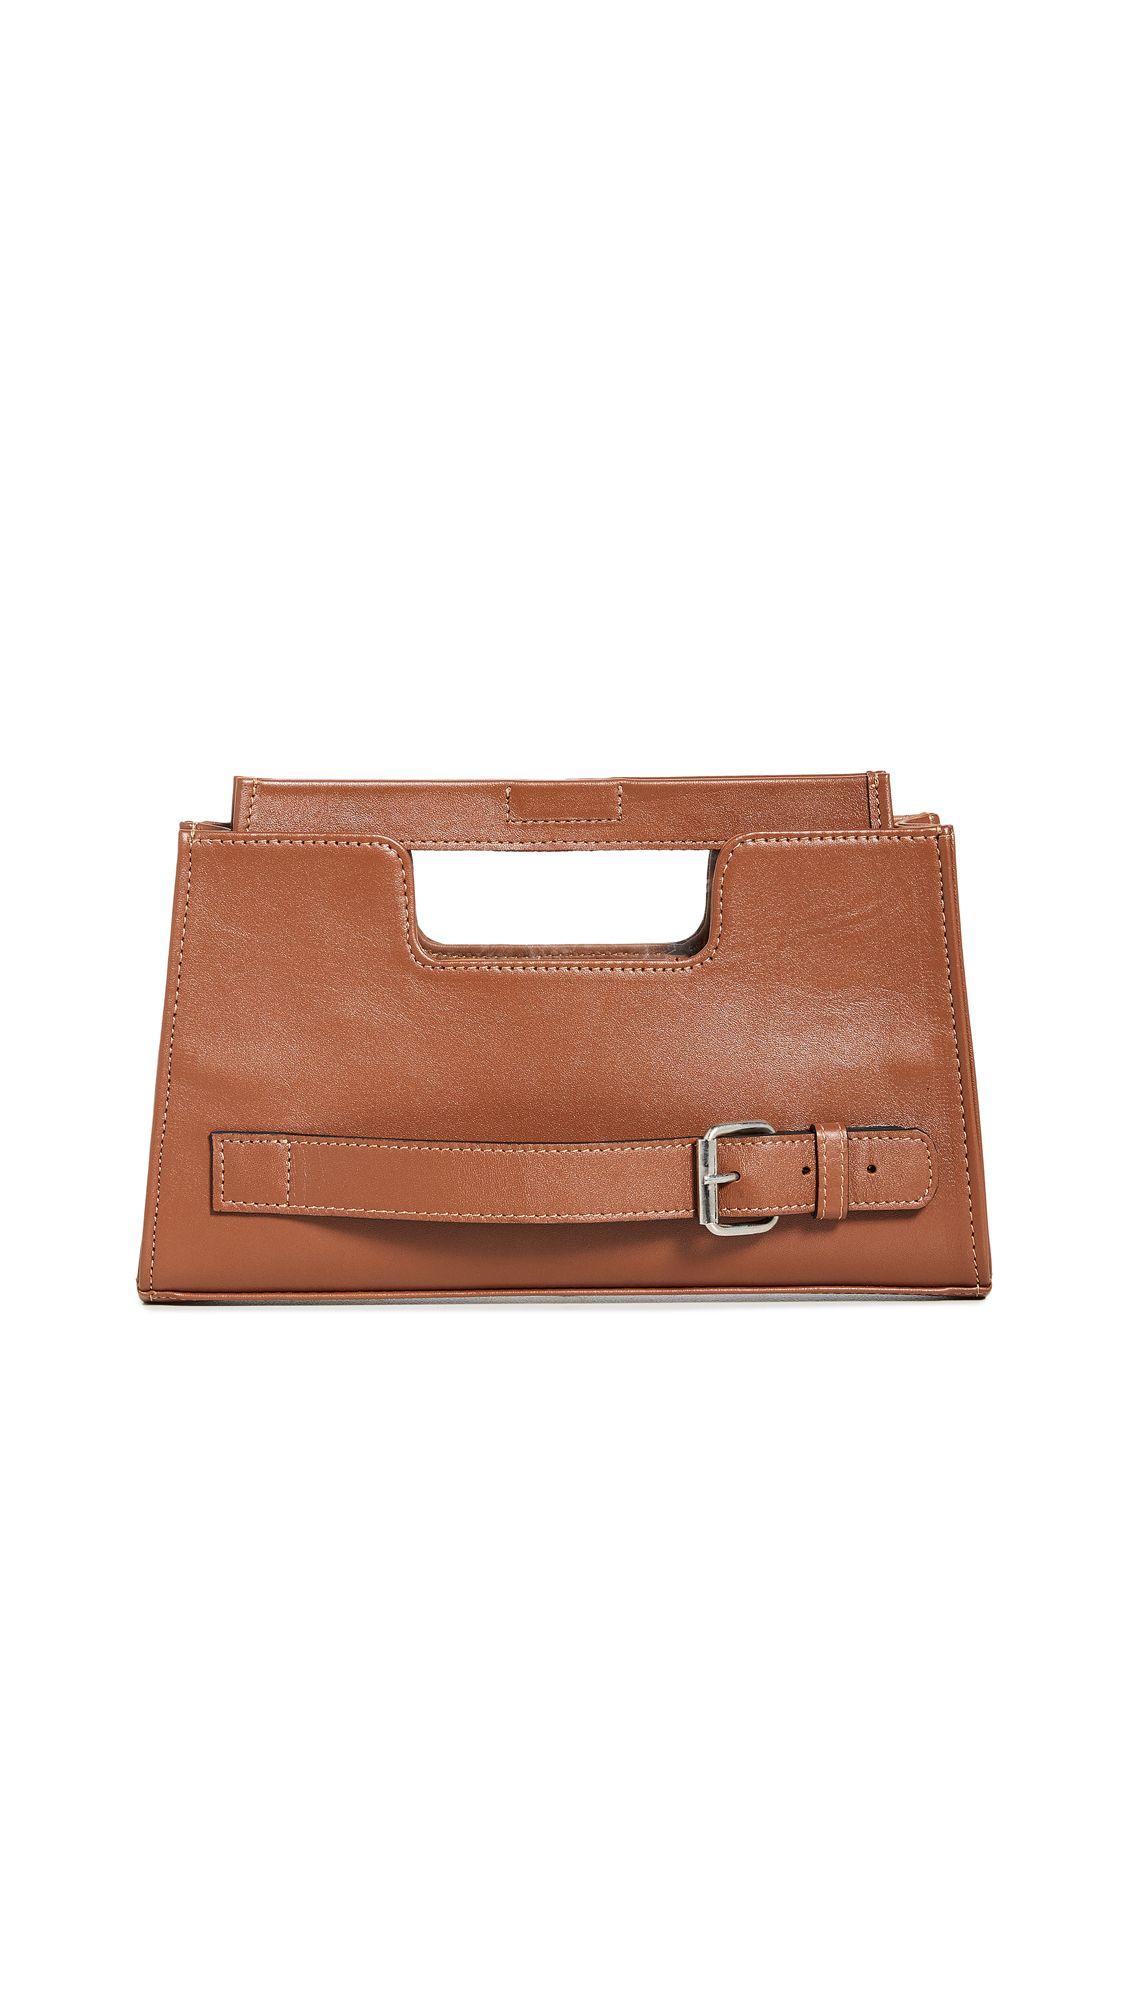 Imah Bag In 2020 Bags Leather Pvc Trim